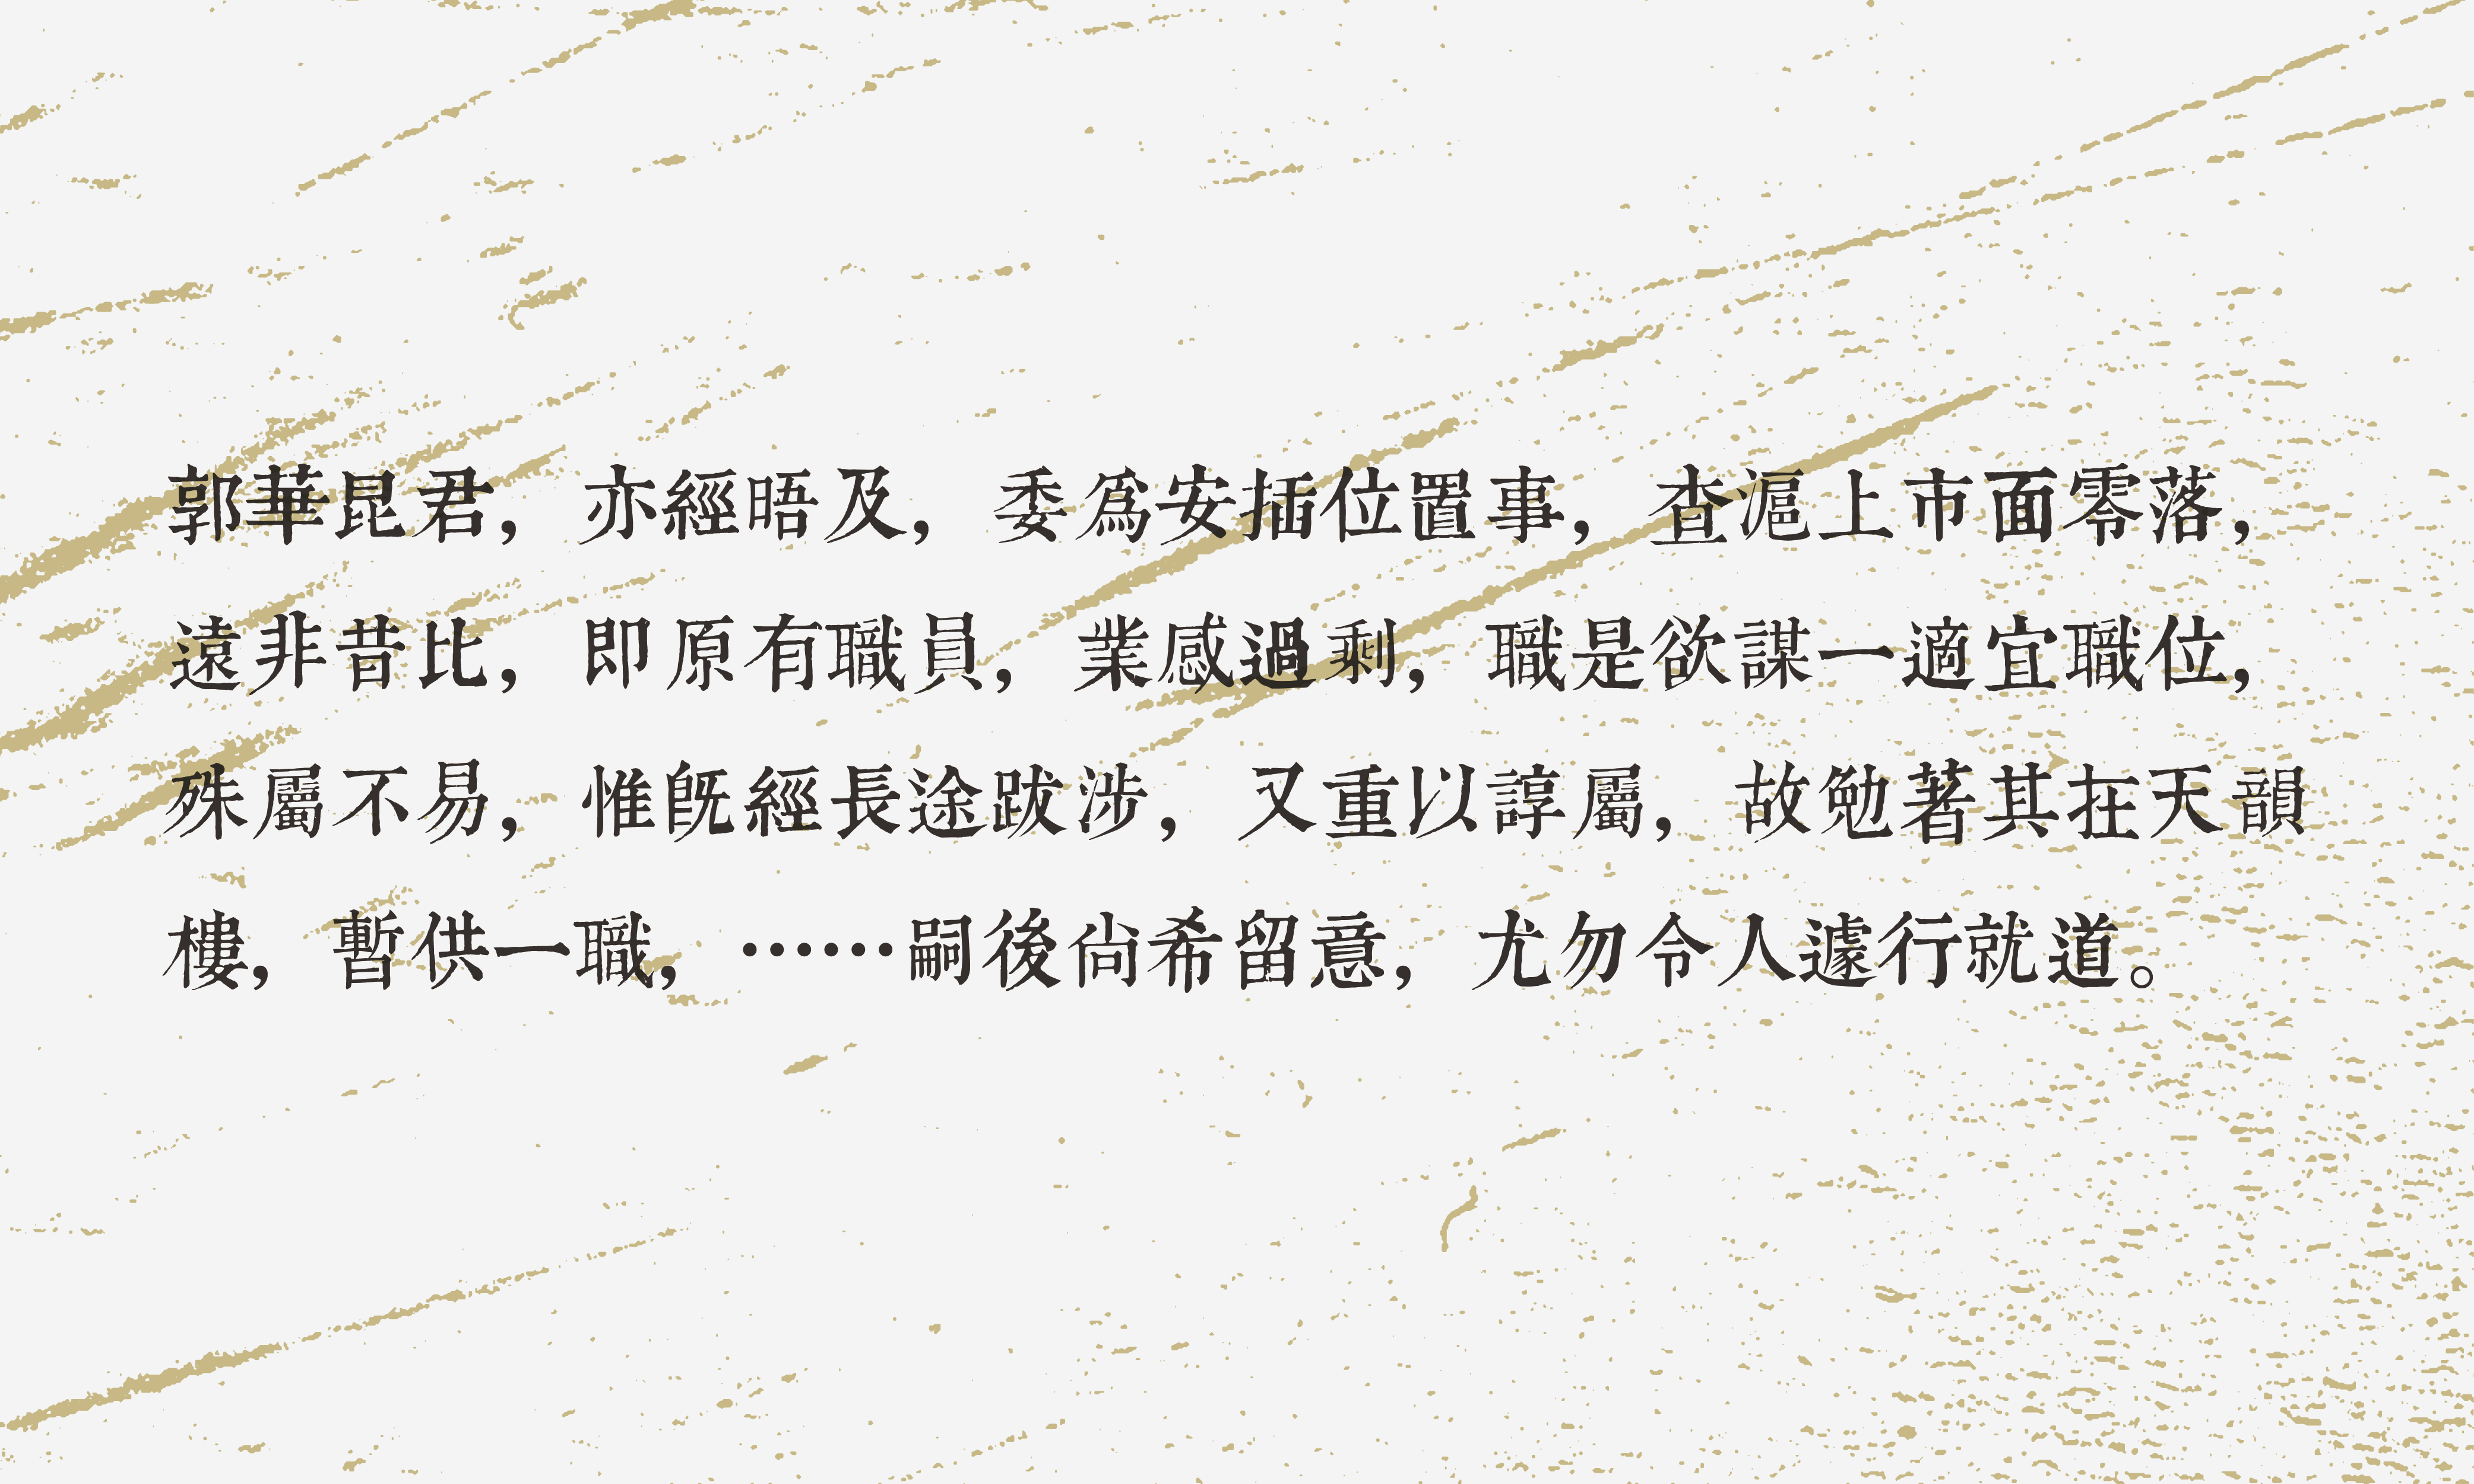 郭琳爽回答八叔公的引薦信(節錄)。圖│連玲玲,2005年9月,〈企業文化的形成與轉型:以民國時期的上海永安公司為例〉